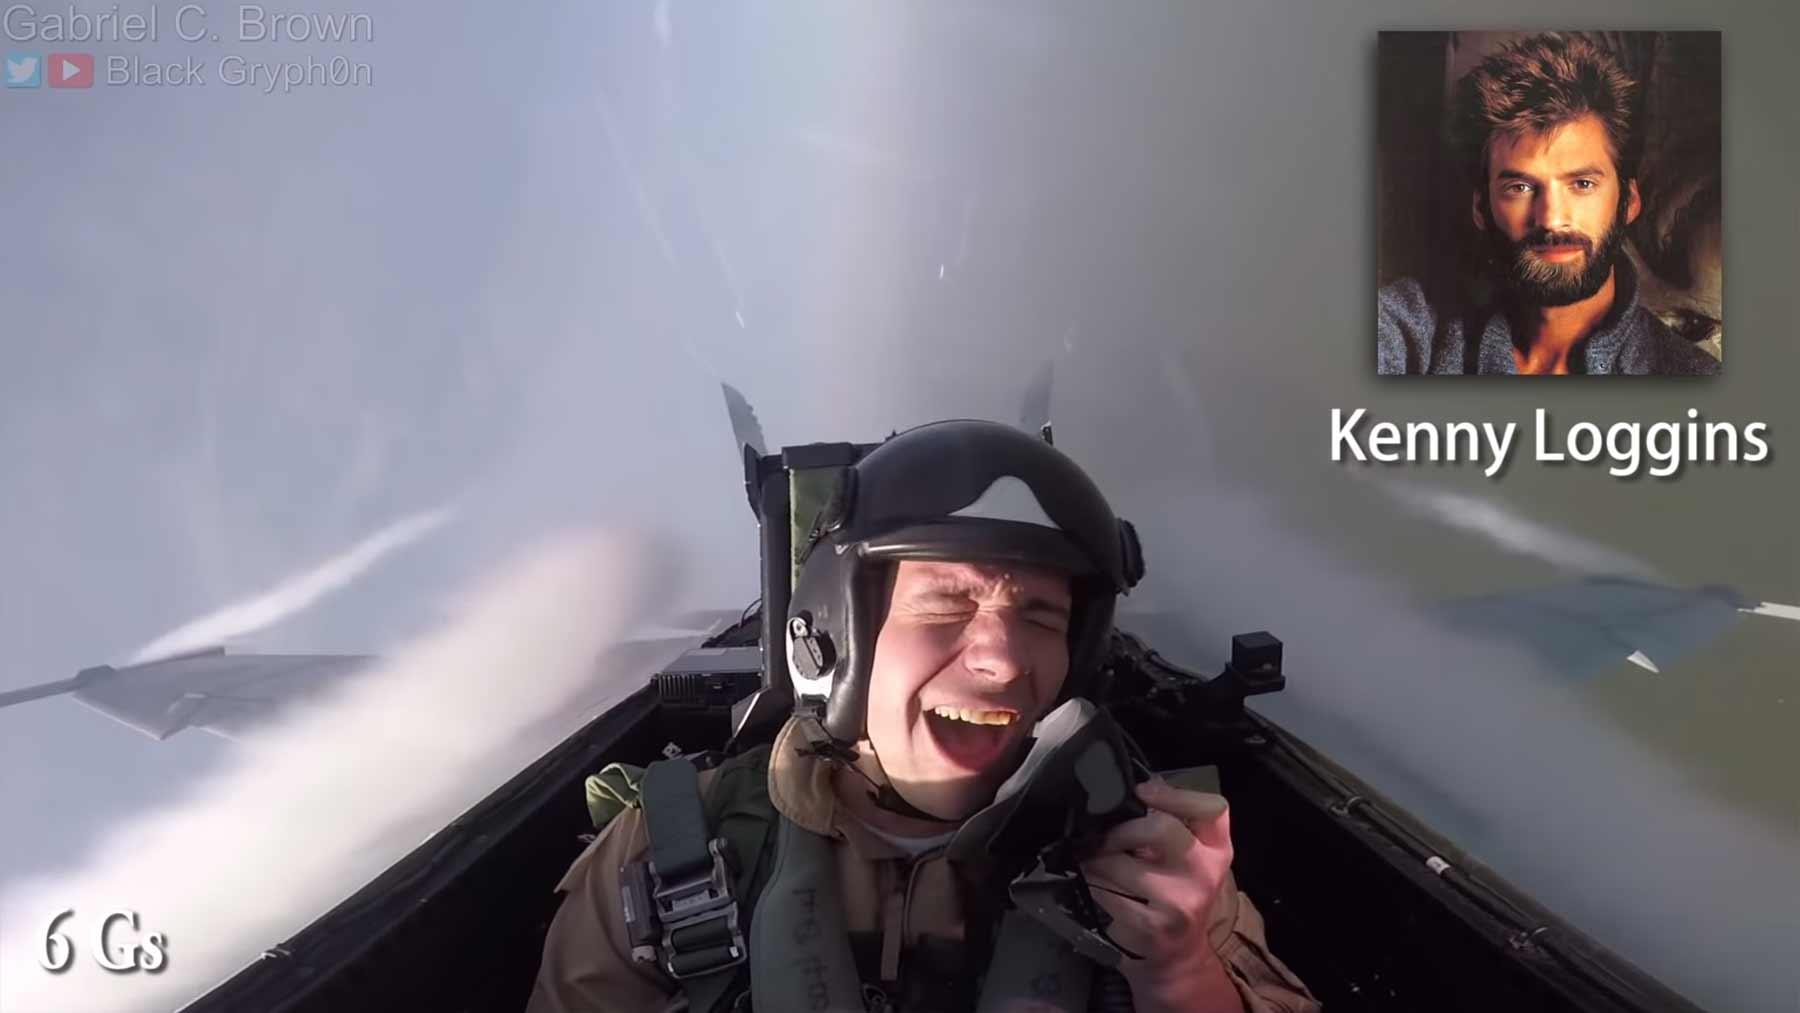 Black Gryph0n imitiert Gesangs-Stimmen, während er im Kampfjet mitfliegt